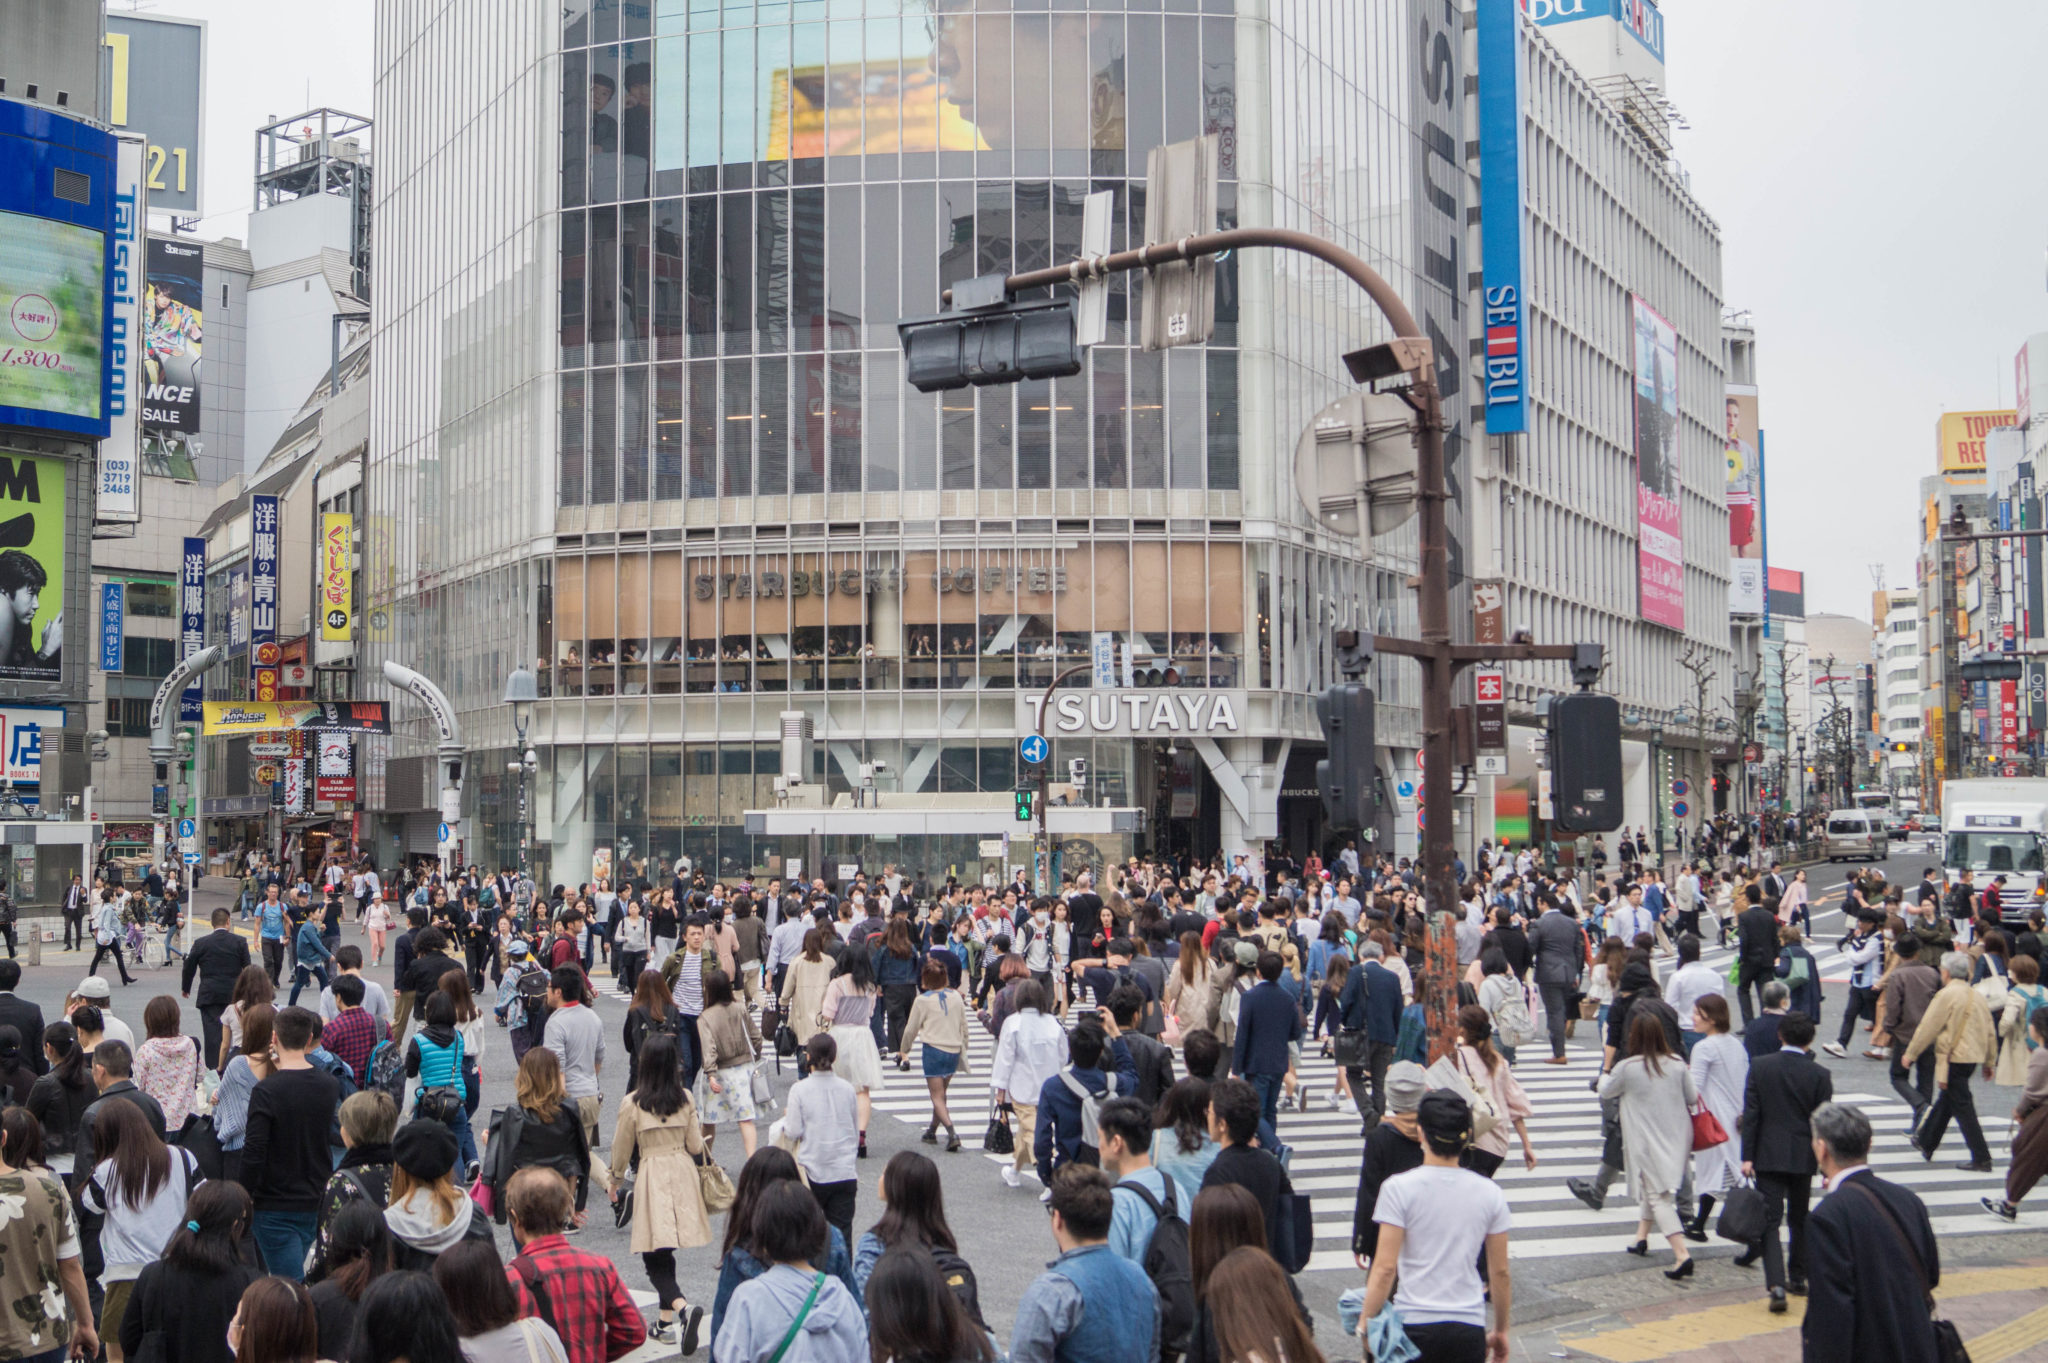 Die Shibuya Kreuzung in Tokio ist eine der spannendsten Kreuzungen der Welt.